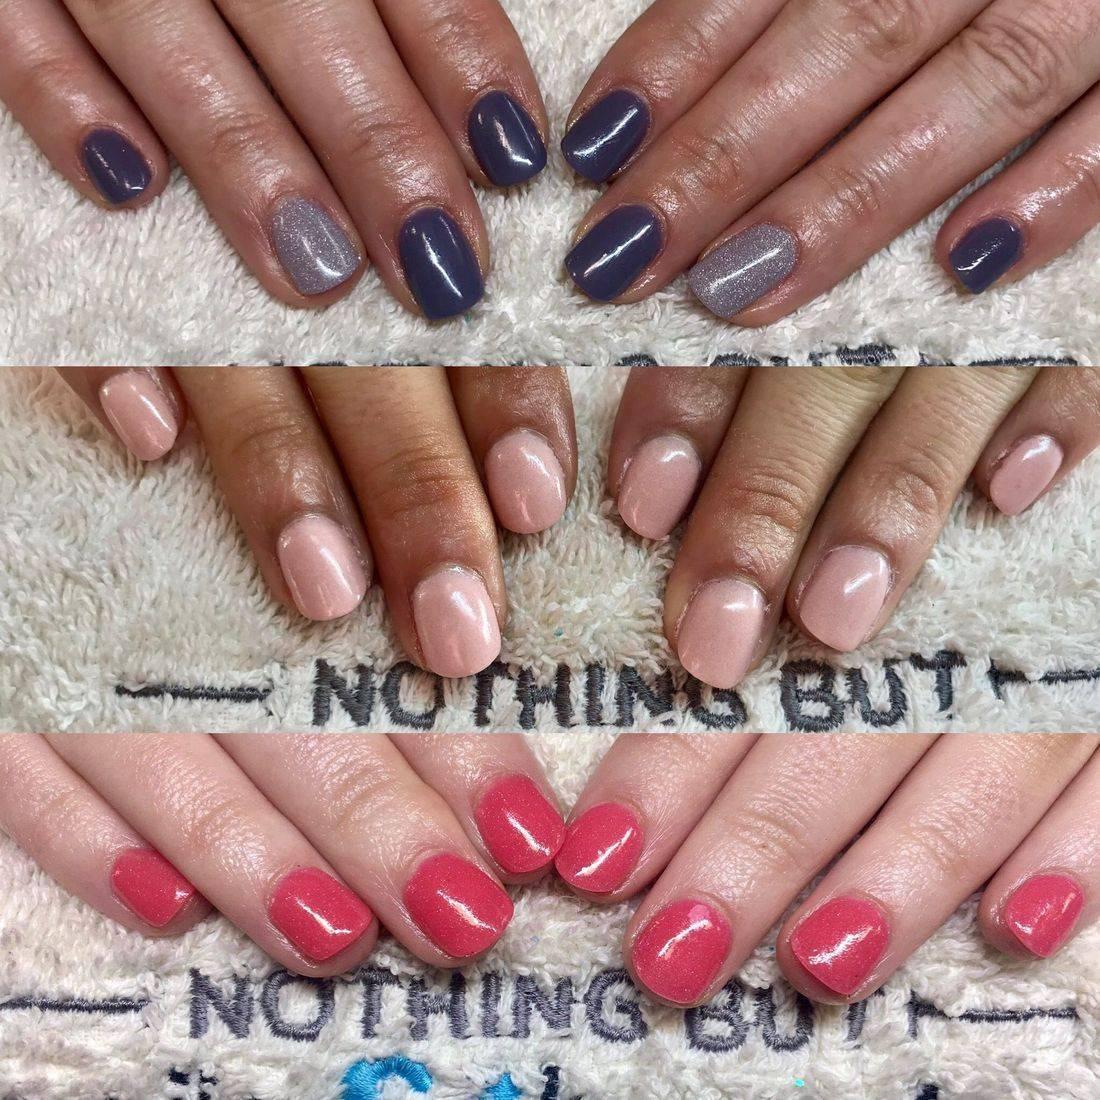 Natural nails bury, acrylic dip nails bury